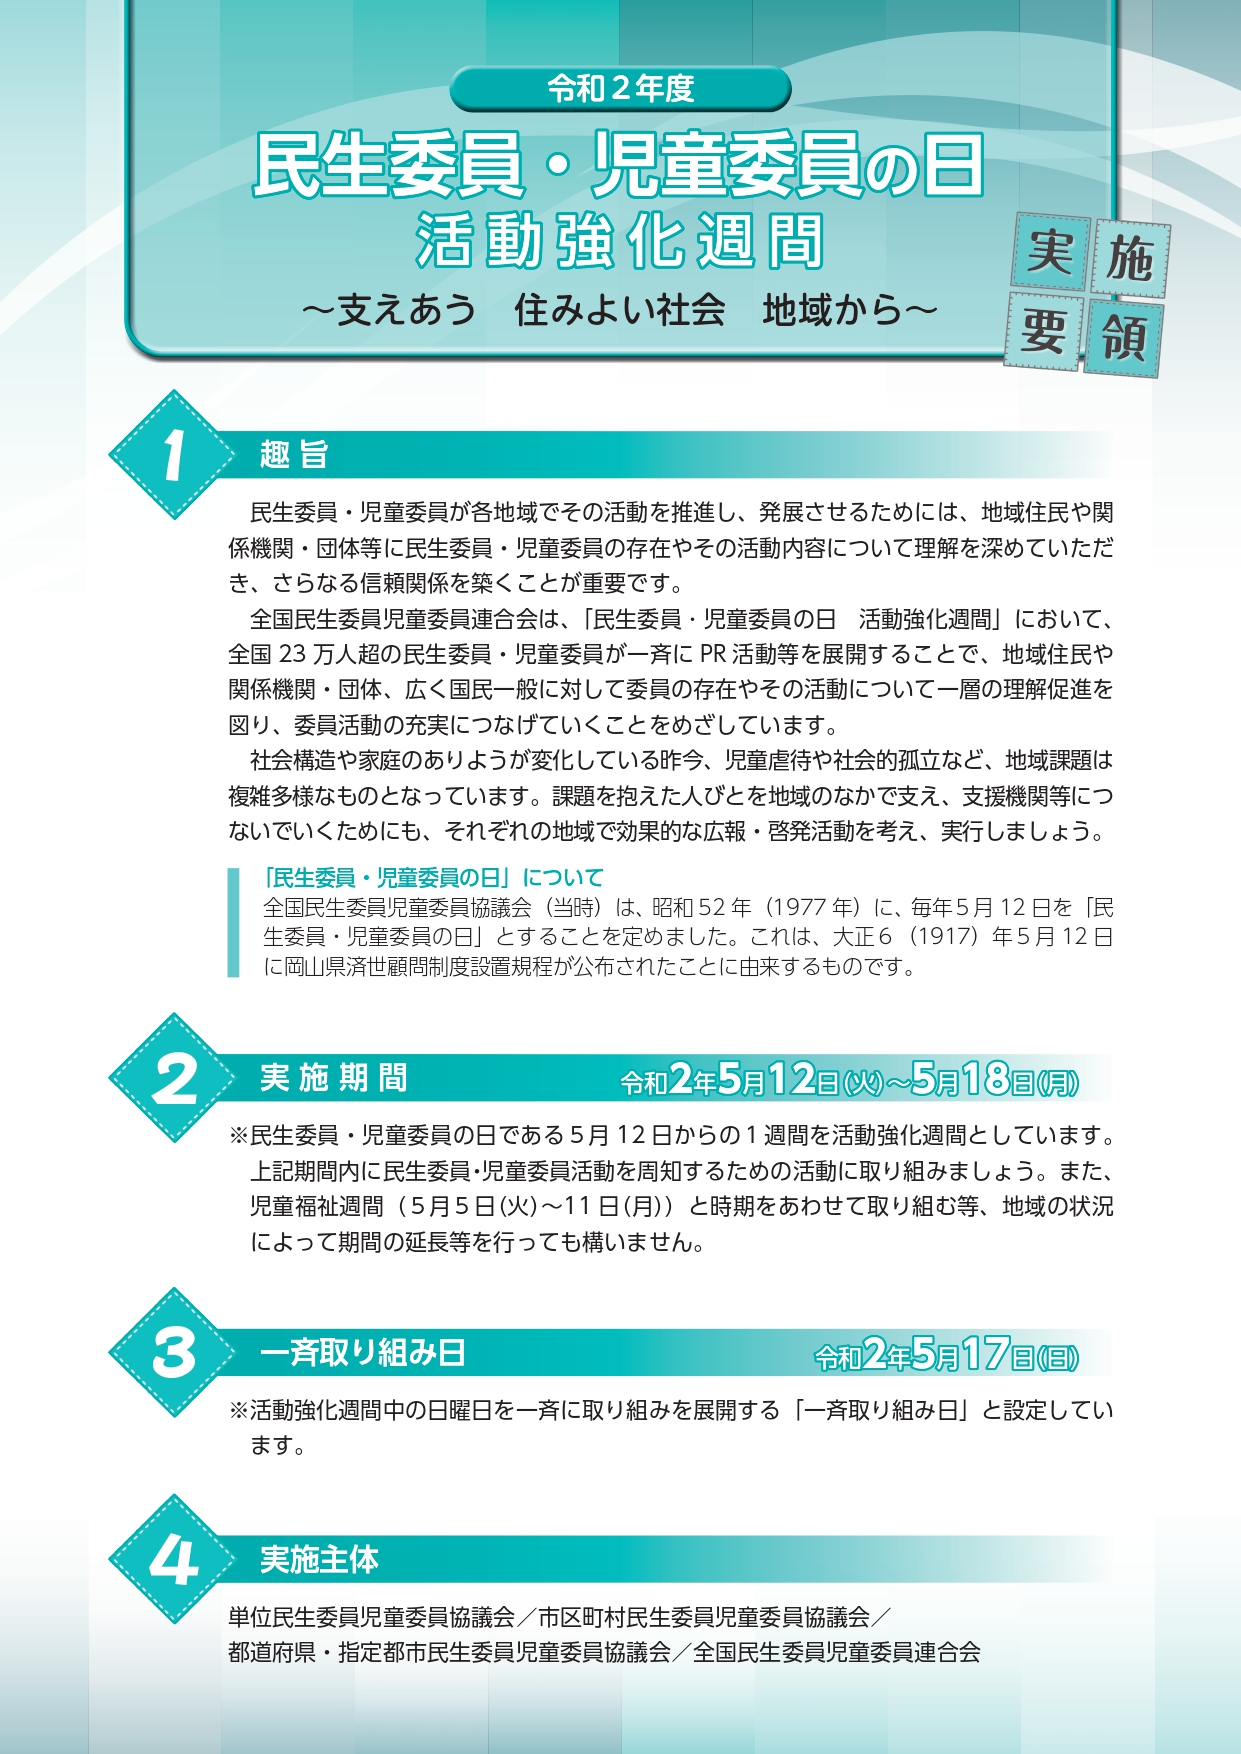 令和2年度「民生委員・児童委員の日 活動強化週間 」